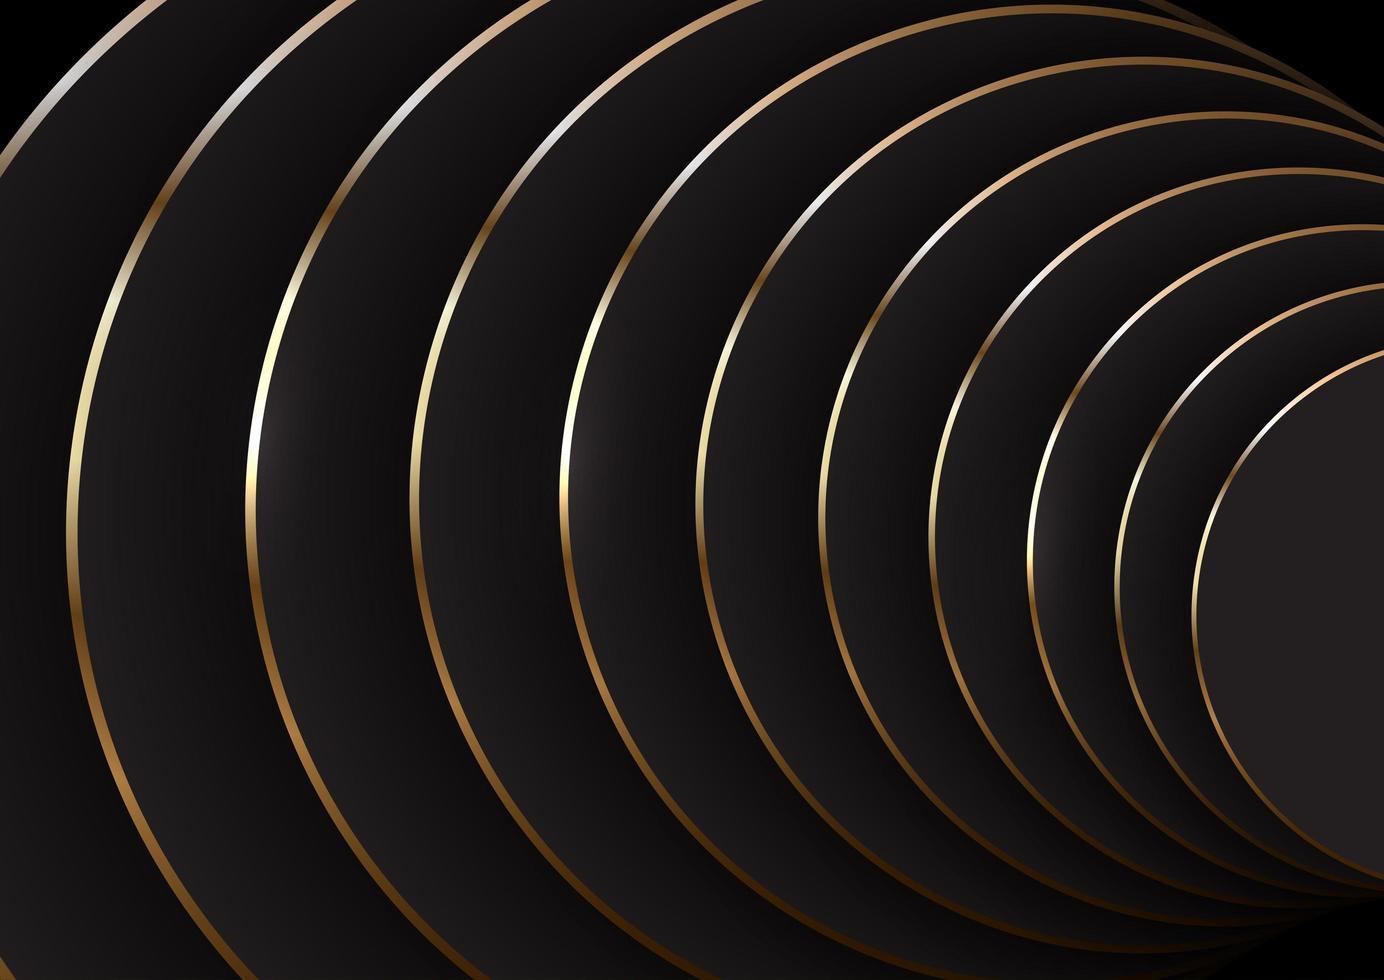 Hintergrund in Schwarz und Gold vektor